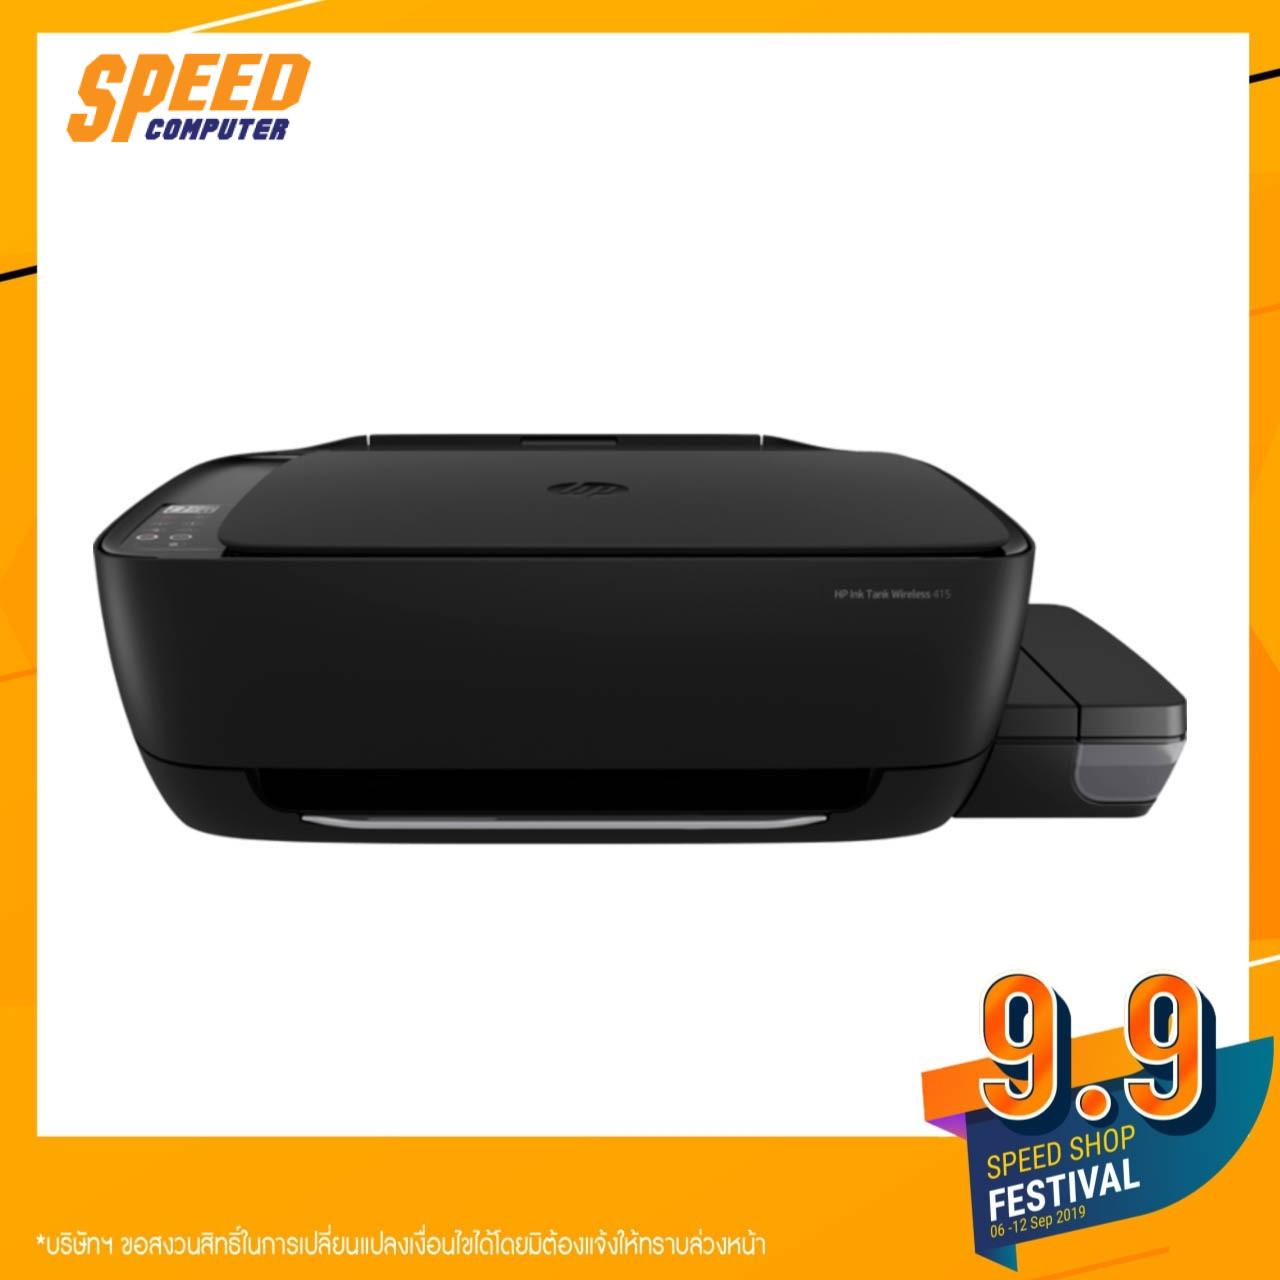 เครื่องพิมพ์ HP INK TANK WIRELESS 415 Z4B53A ALL IN ONE